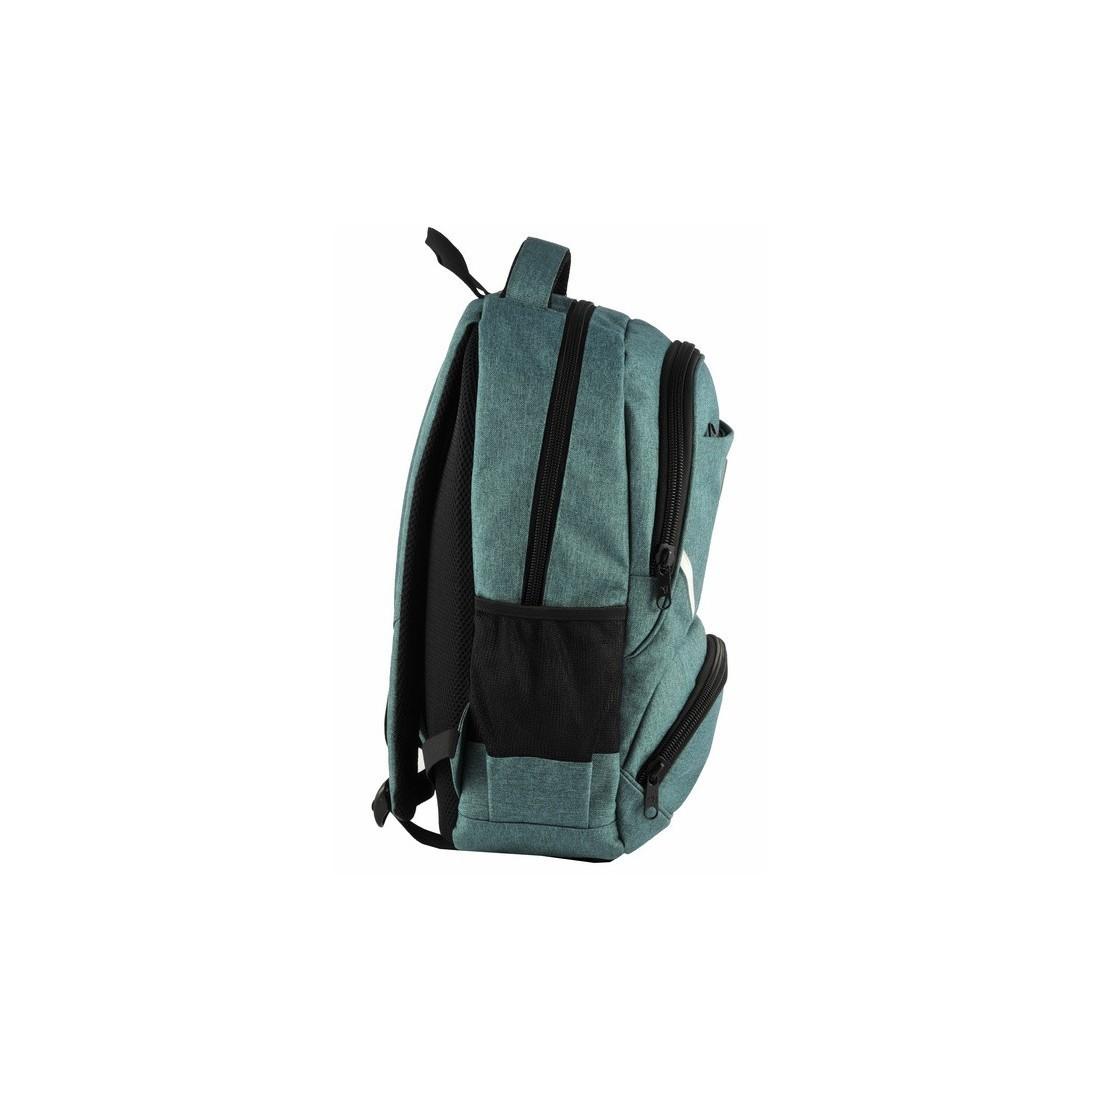 Plecak młodzieżowy zielony original collection - plecak-tornister.pl